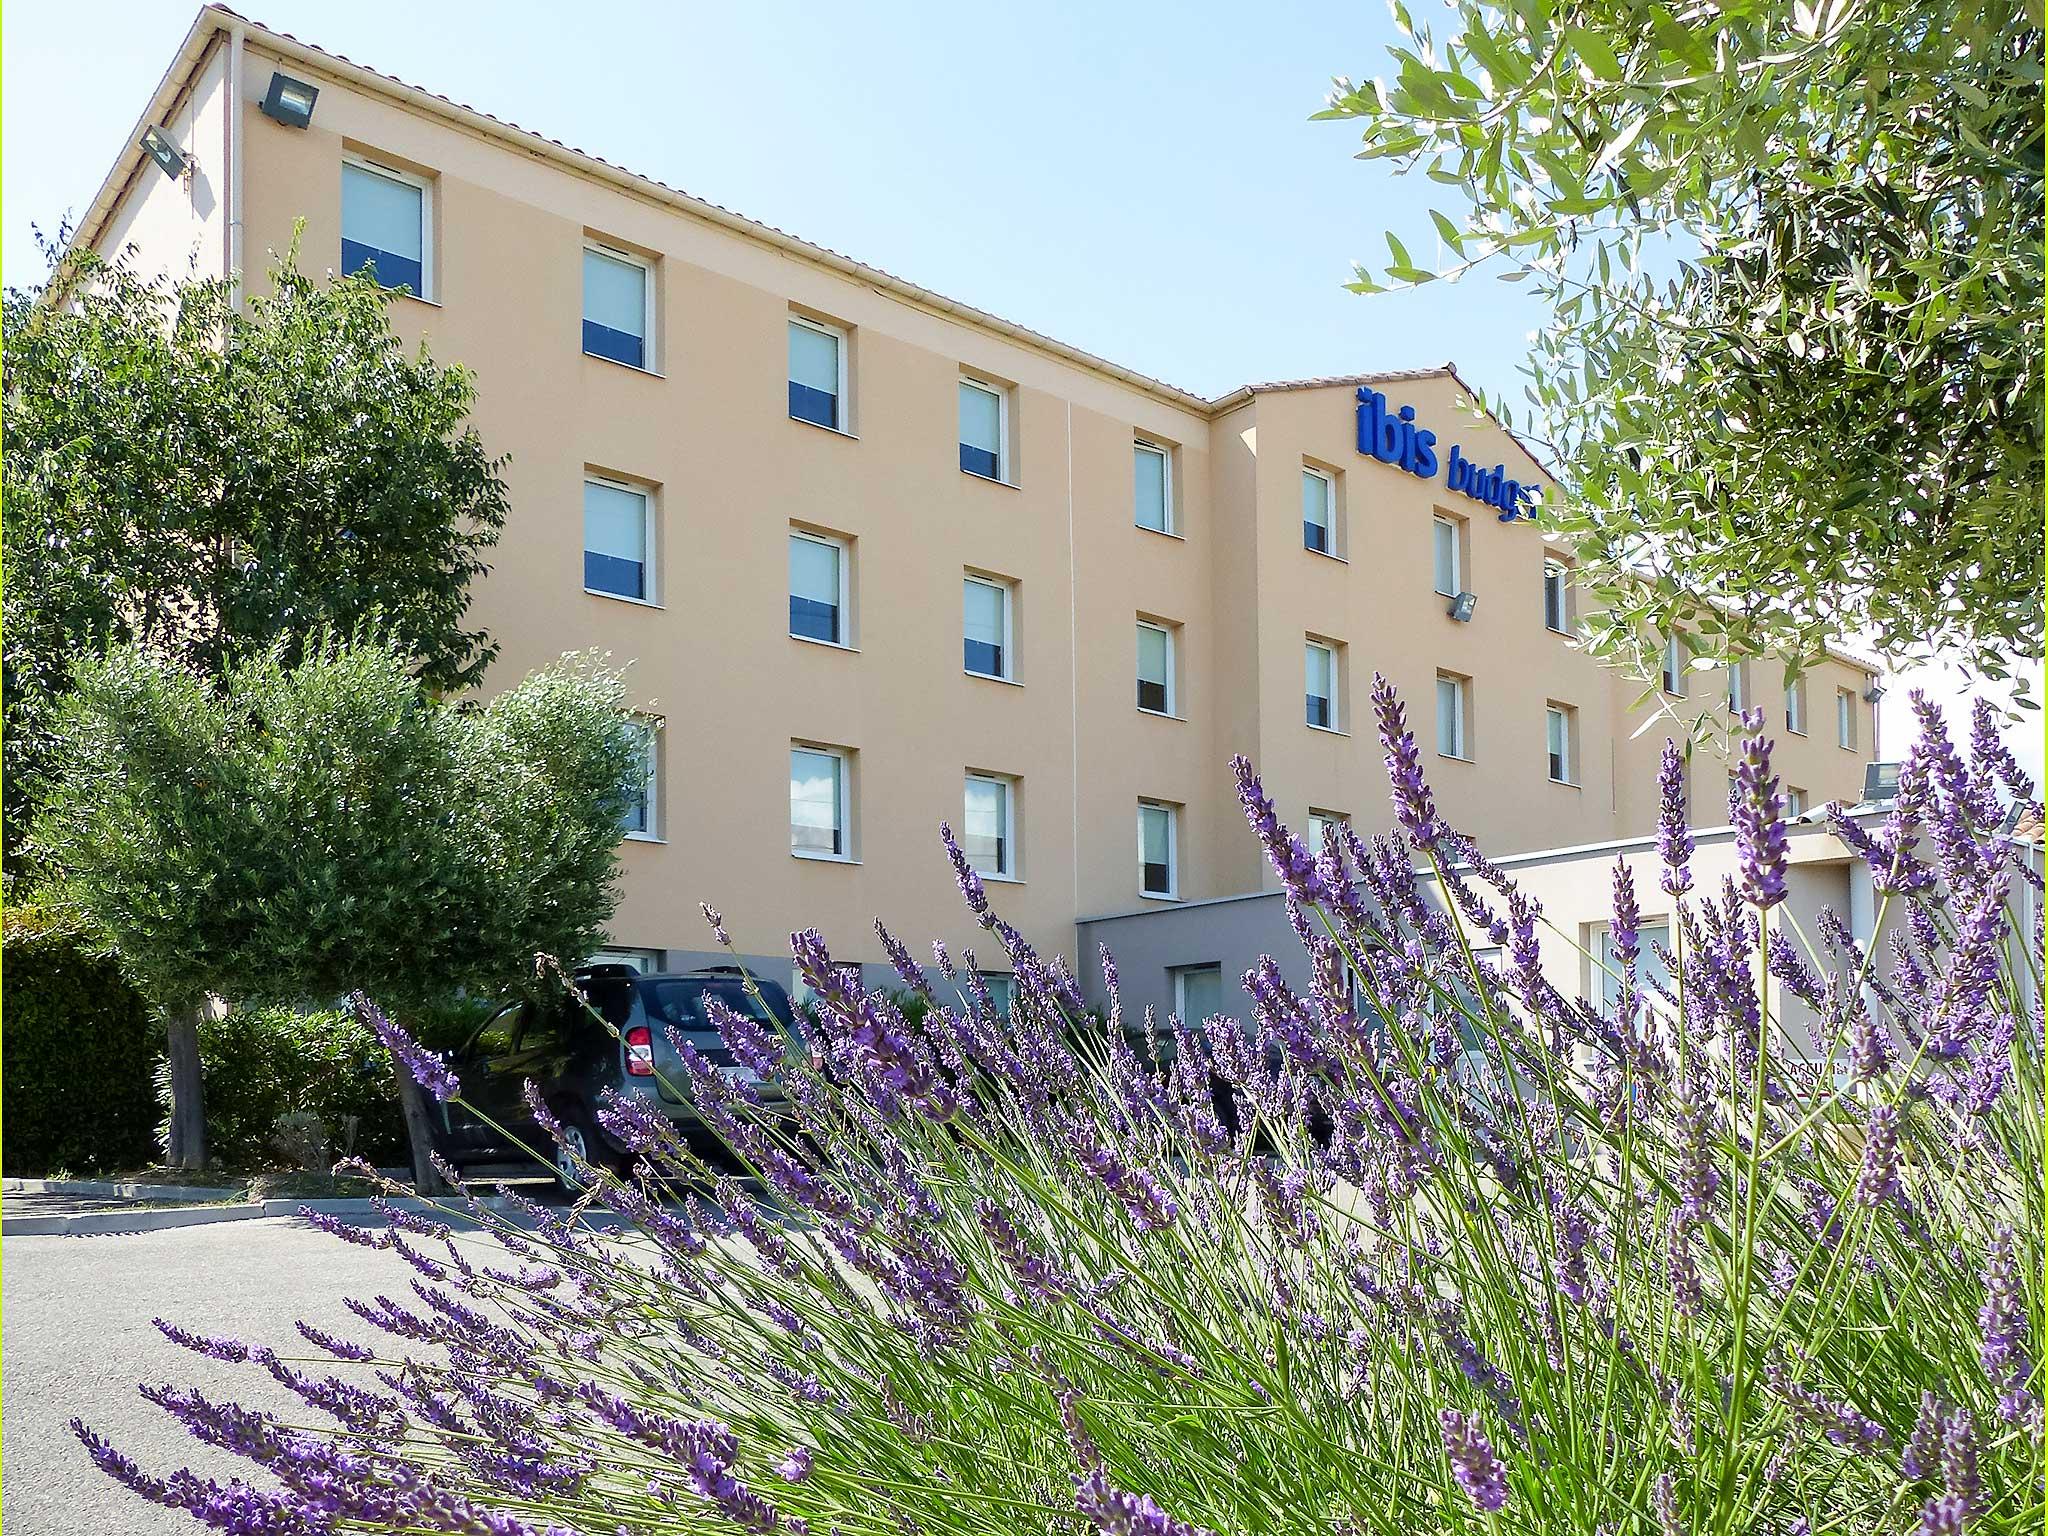 ホテル – イビスバジェットマルセイユラヴァランティーヌ